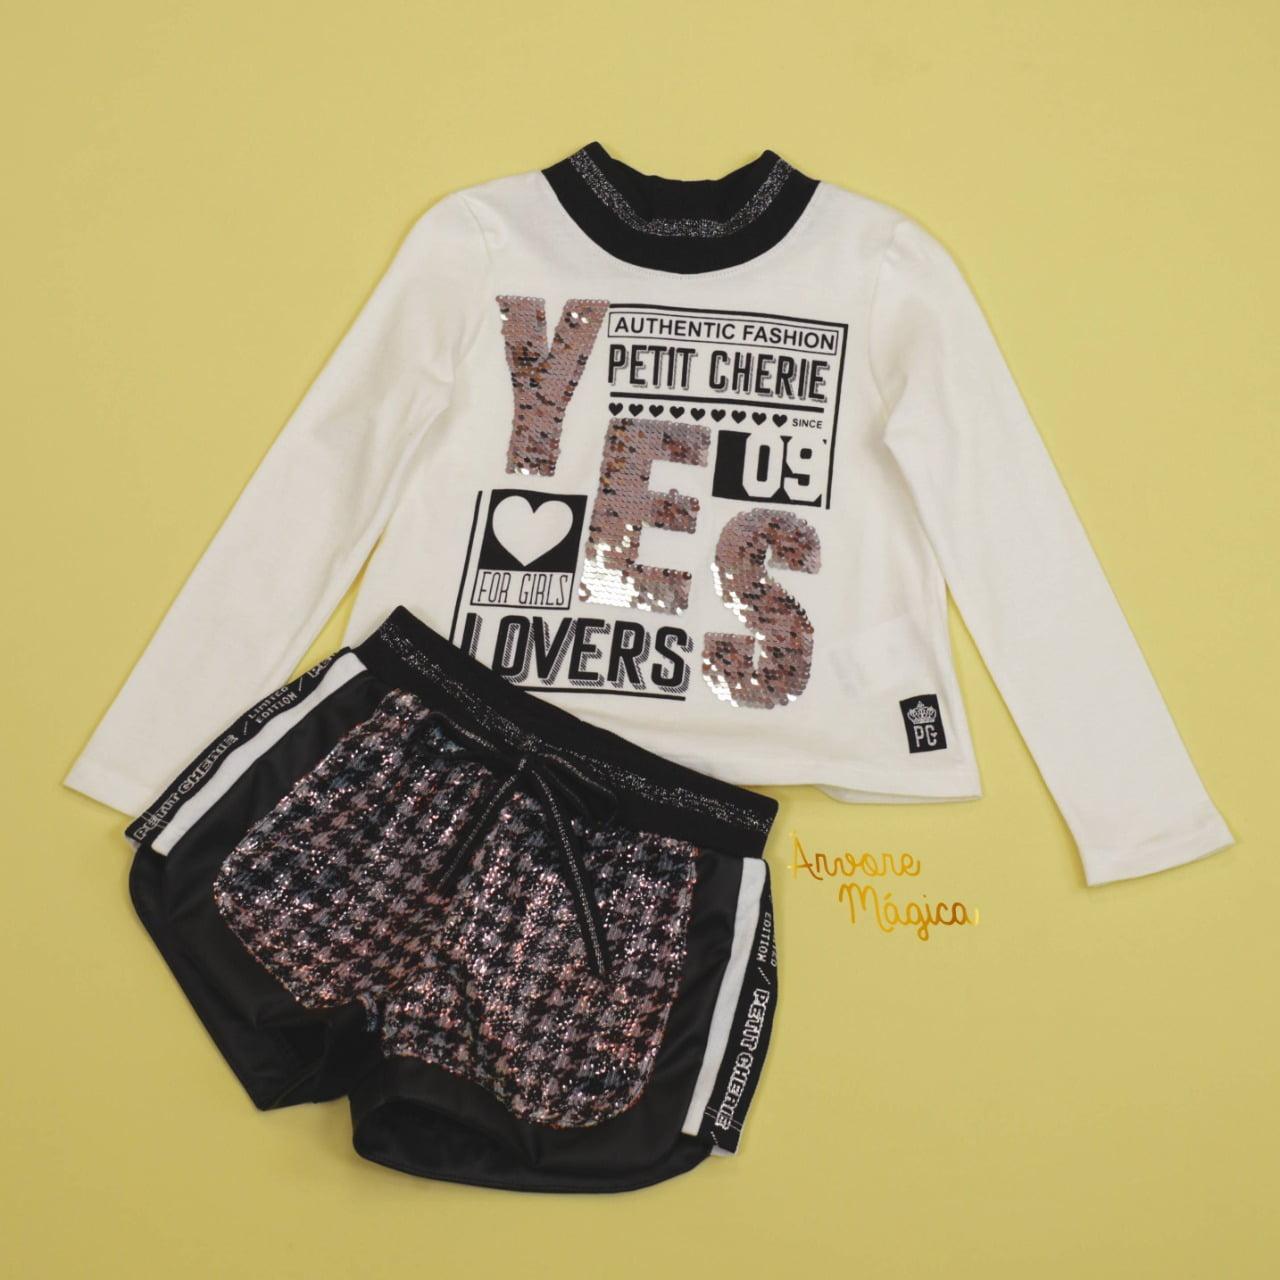 Conjunto Infantil Authentic Fashion Petit Cherie